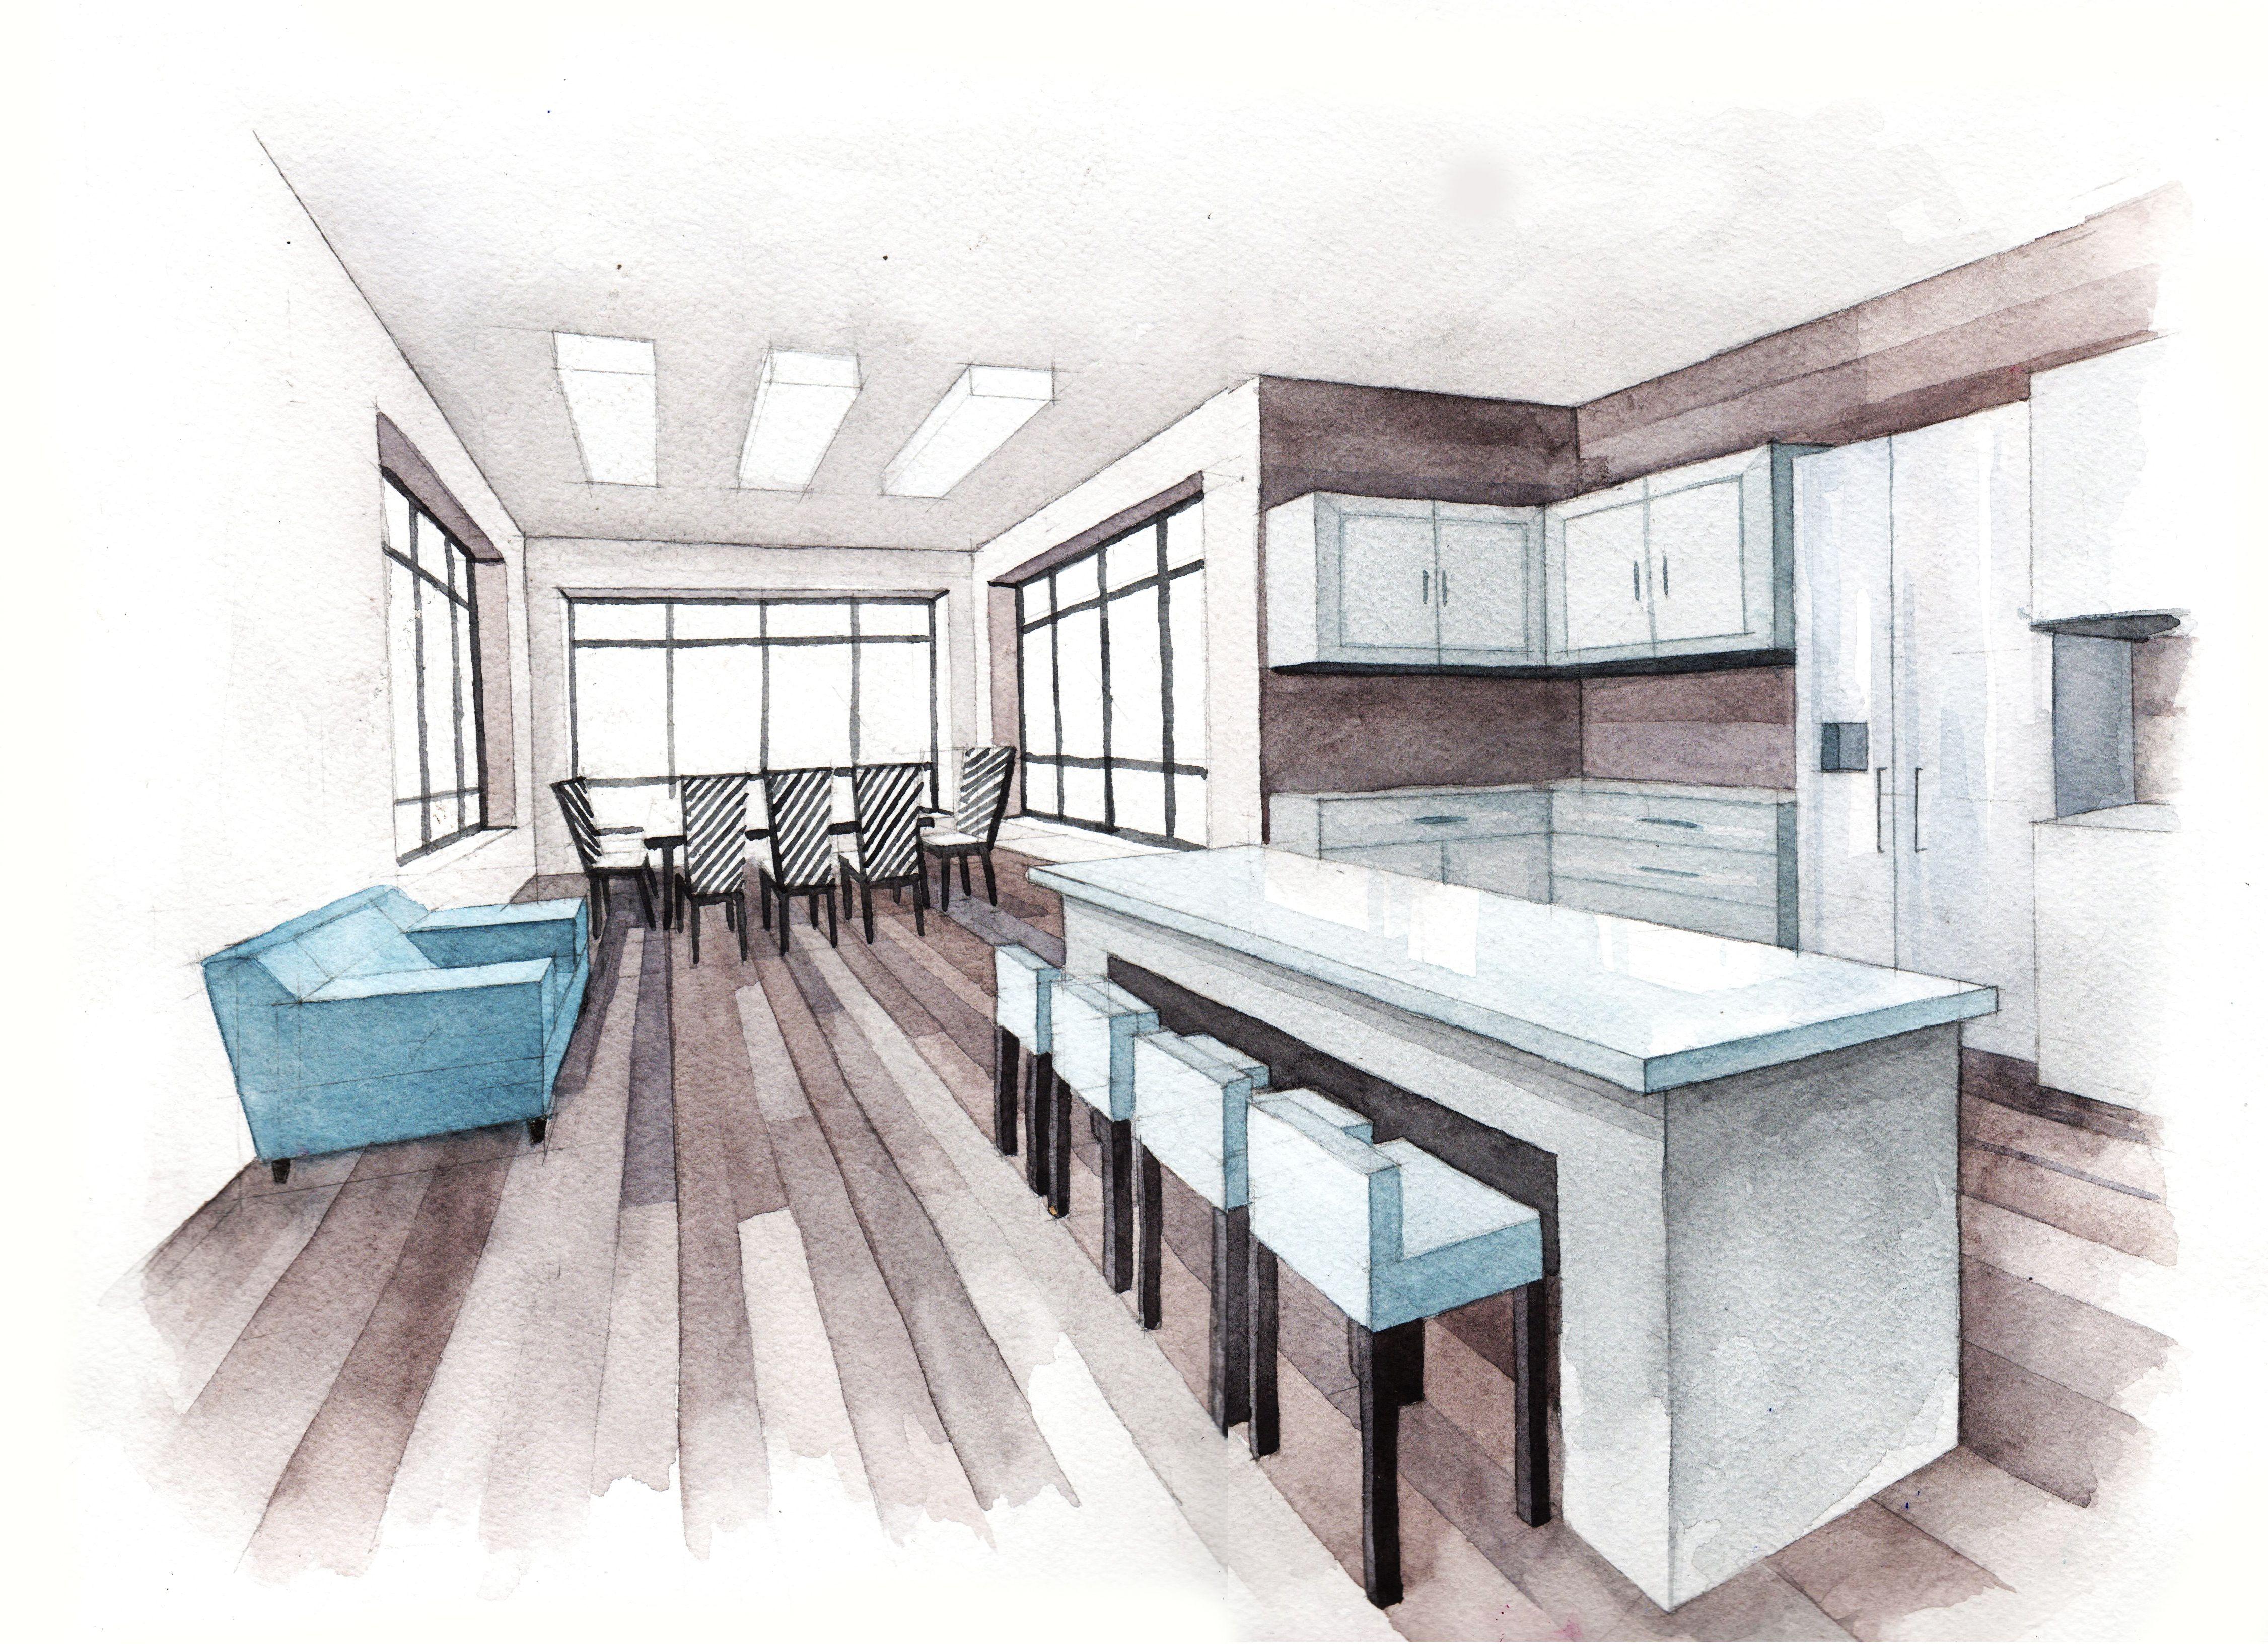 Kitchen Design Architecture Watercolor Sketch